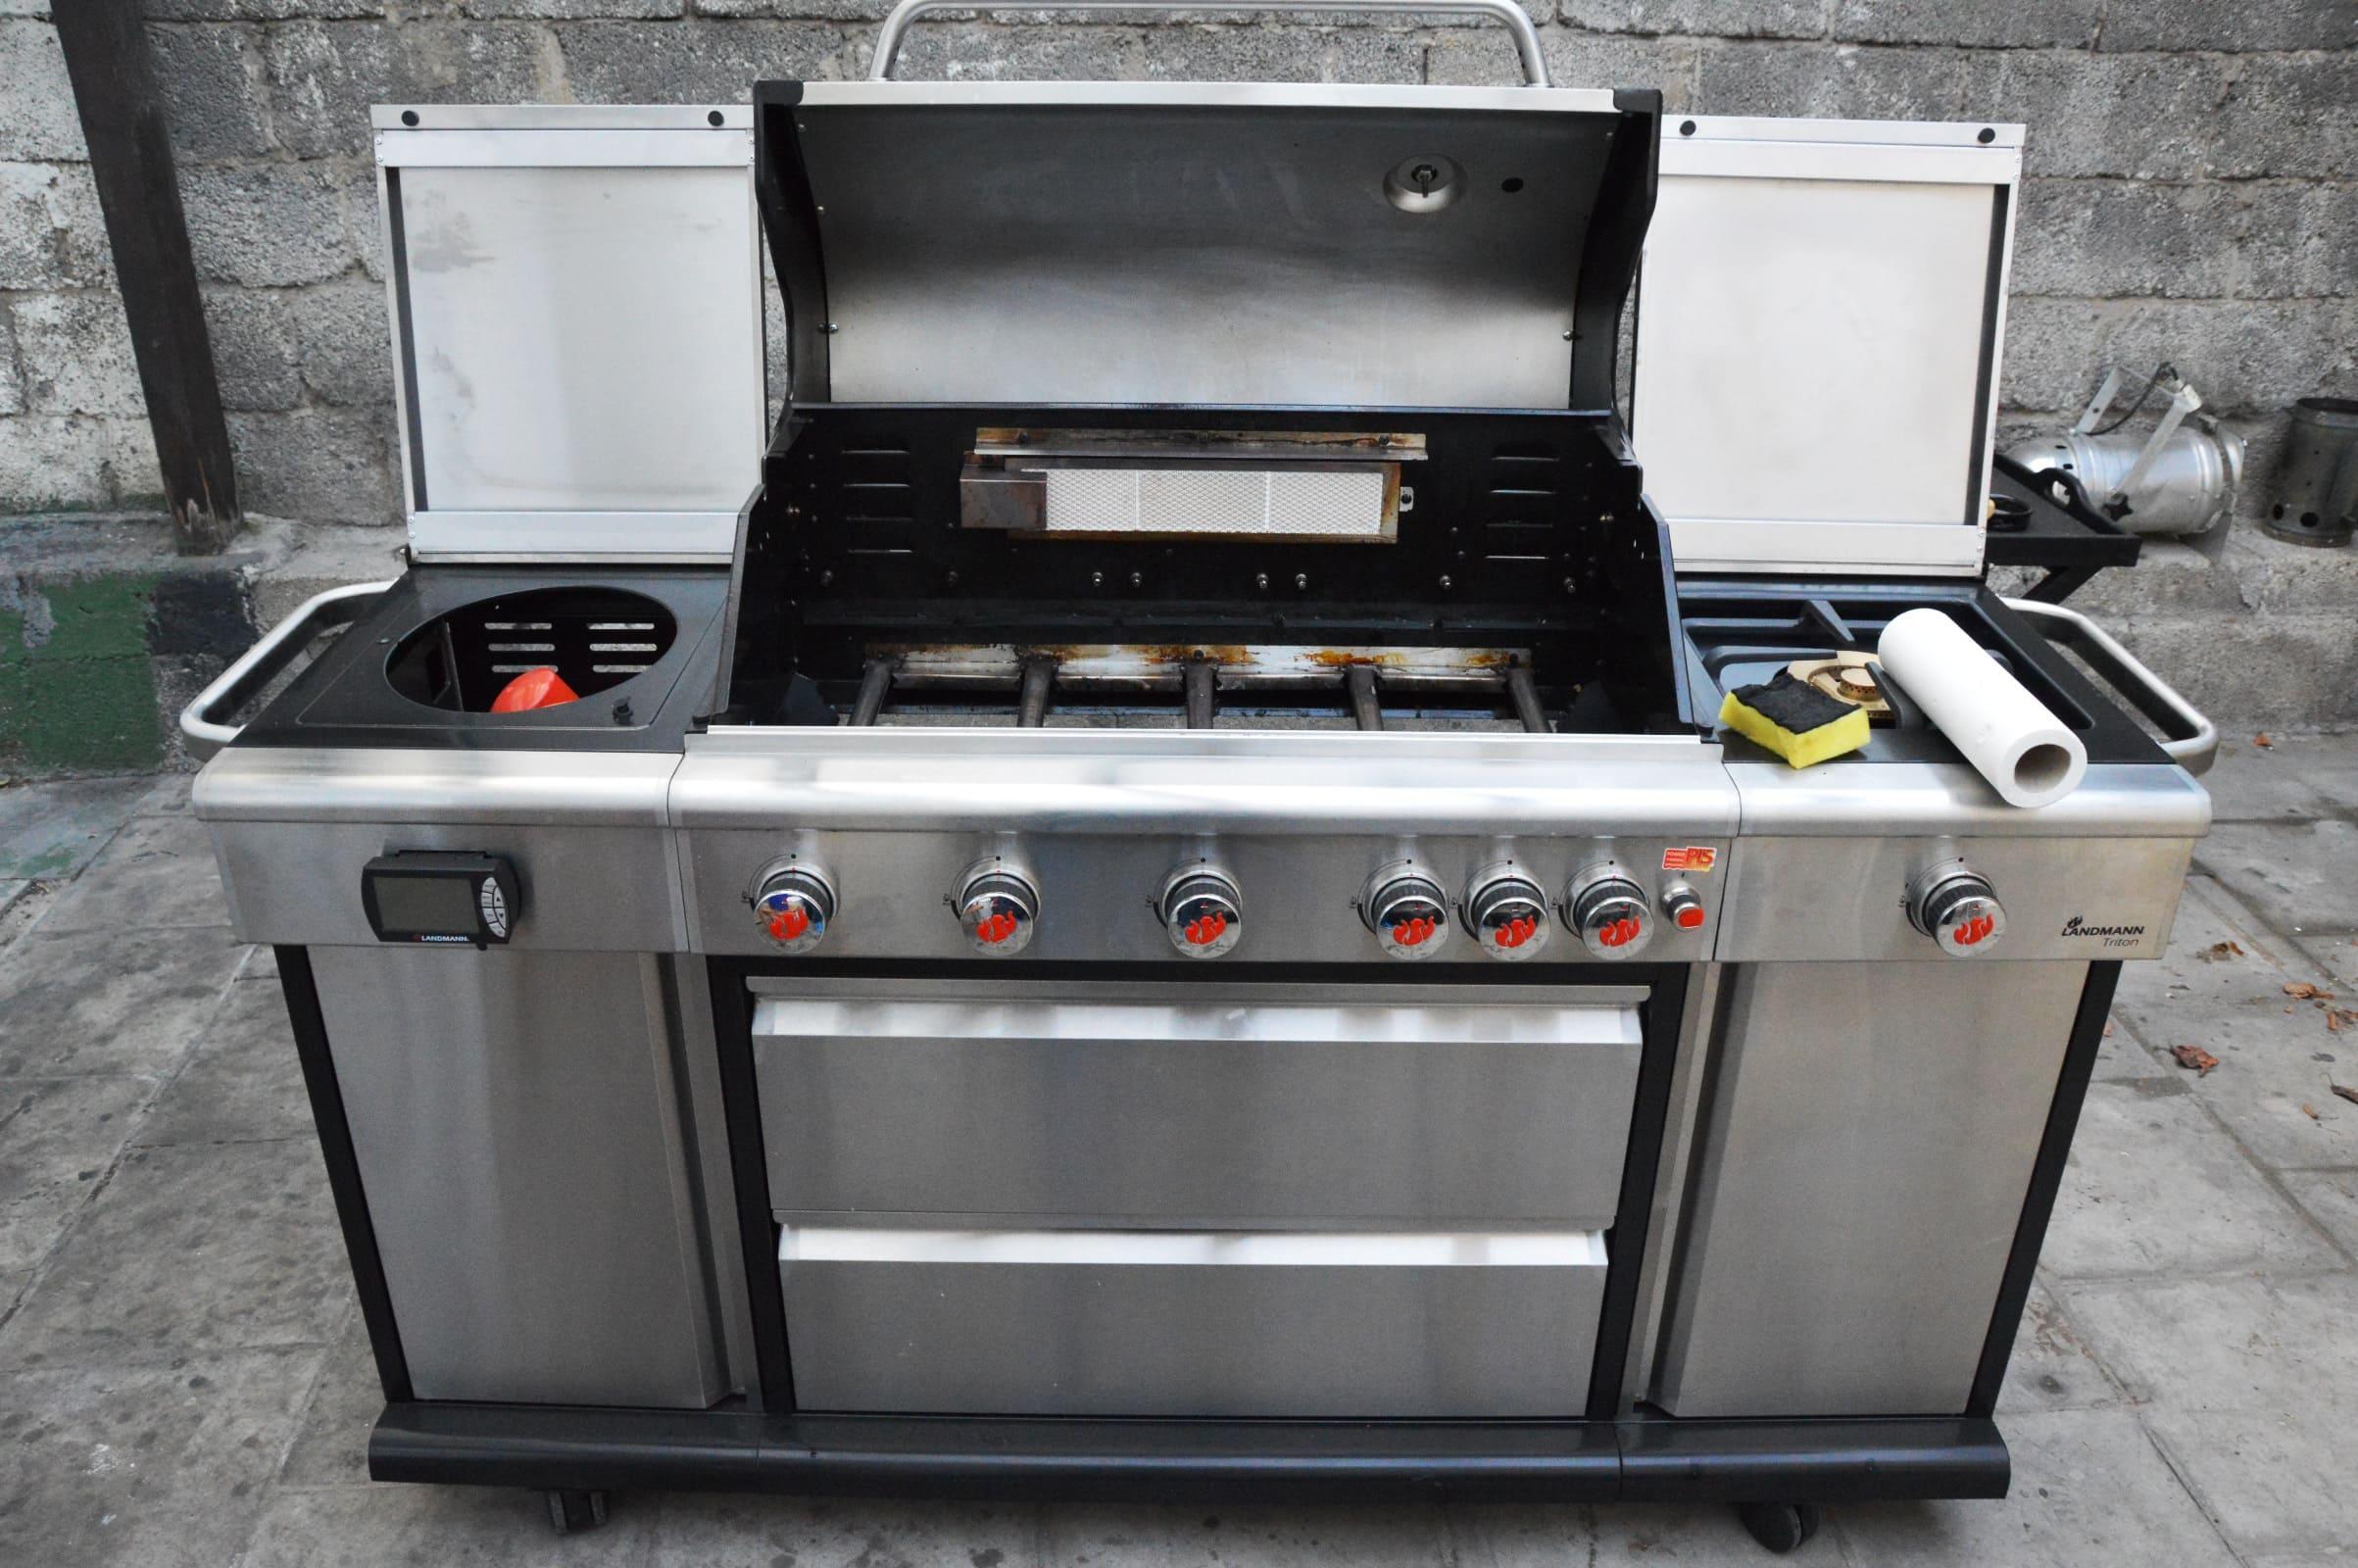 Landmann Gasgrill Fettauffangschale : Die richtige grillreinigung zum saisonstart bacon zum steak